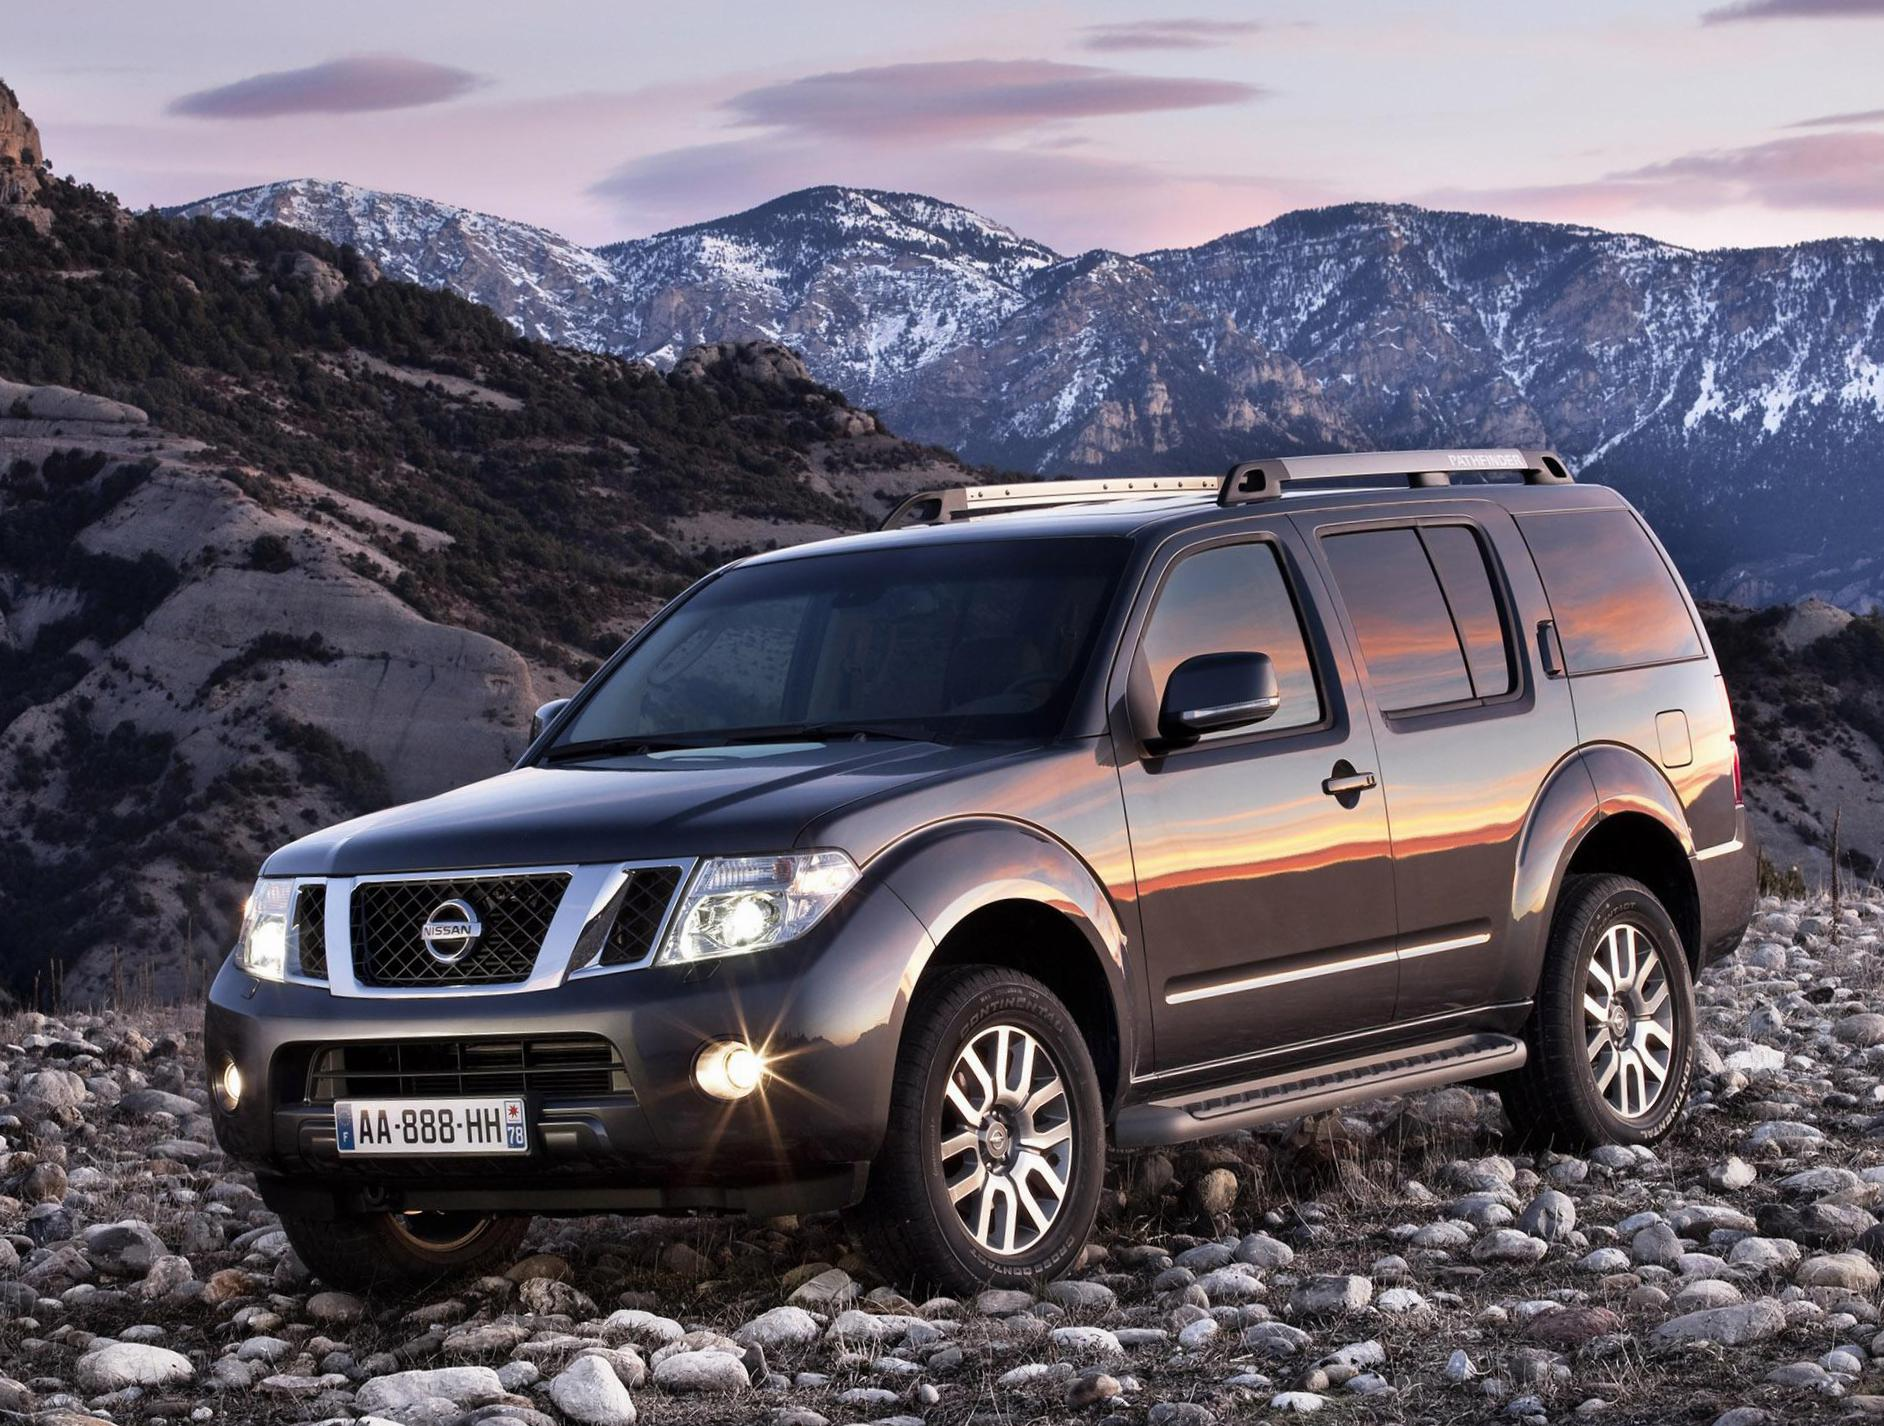 Nissan Pathfinder Models 2014